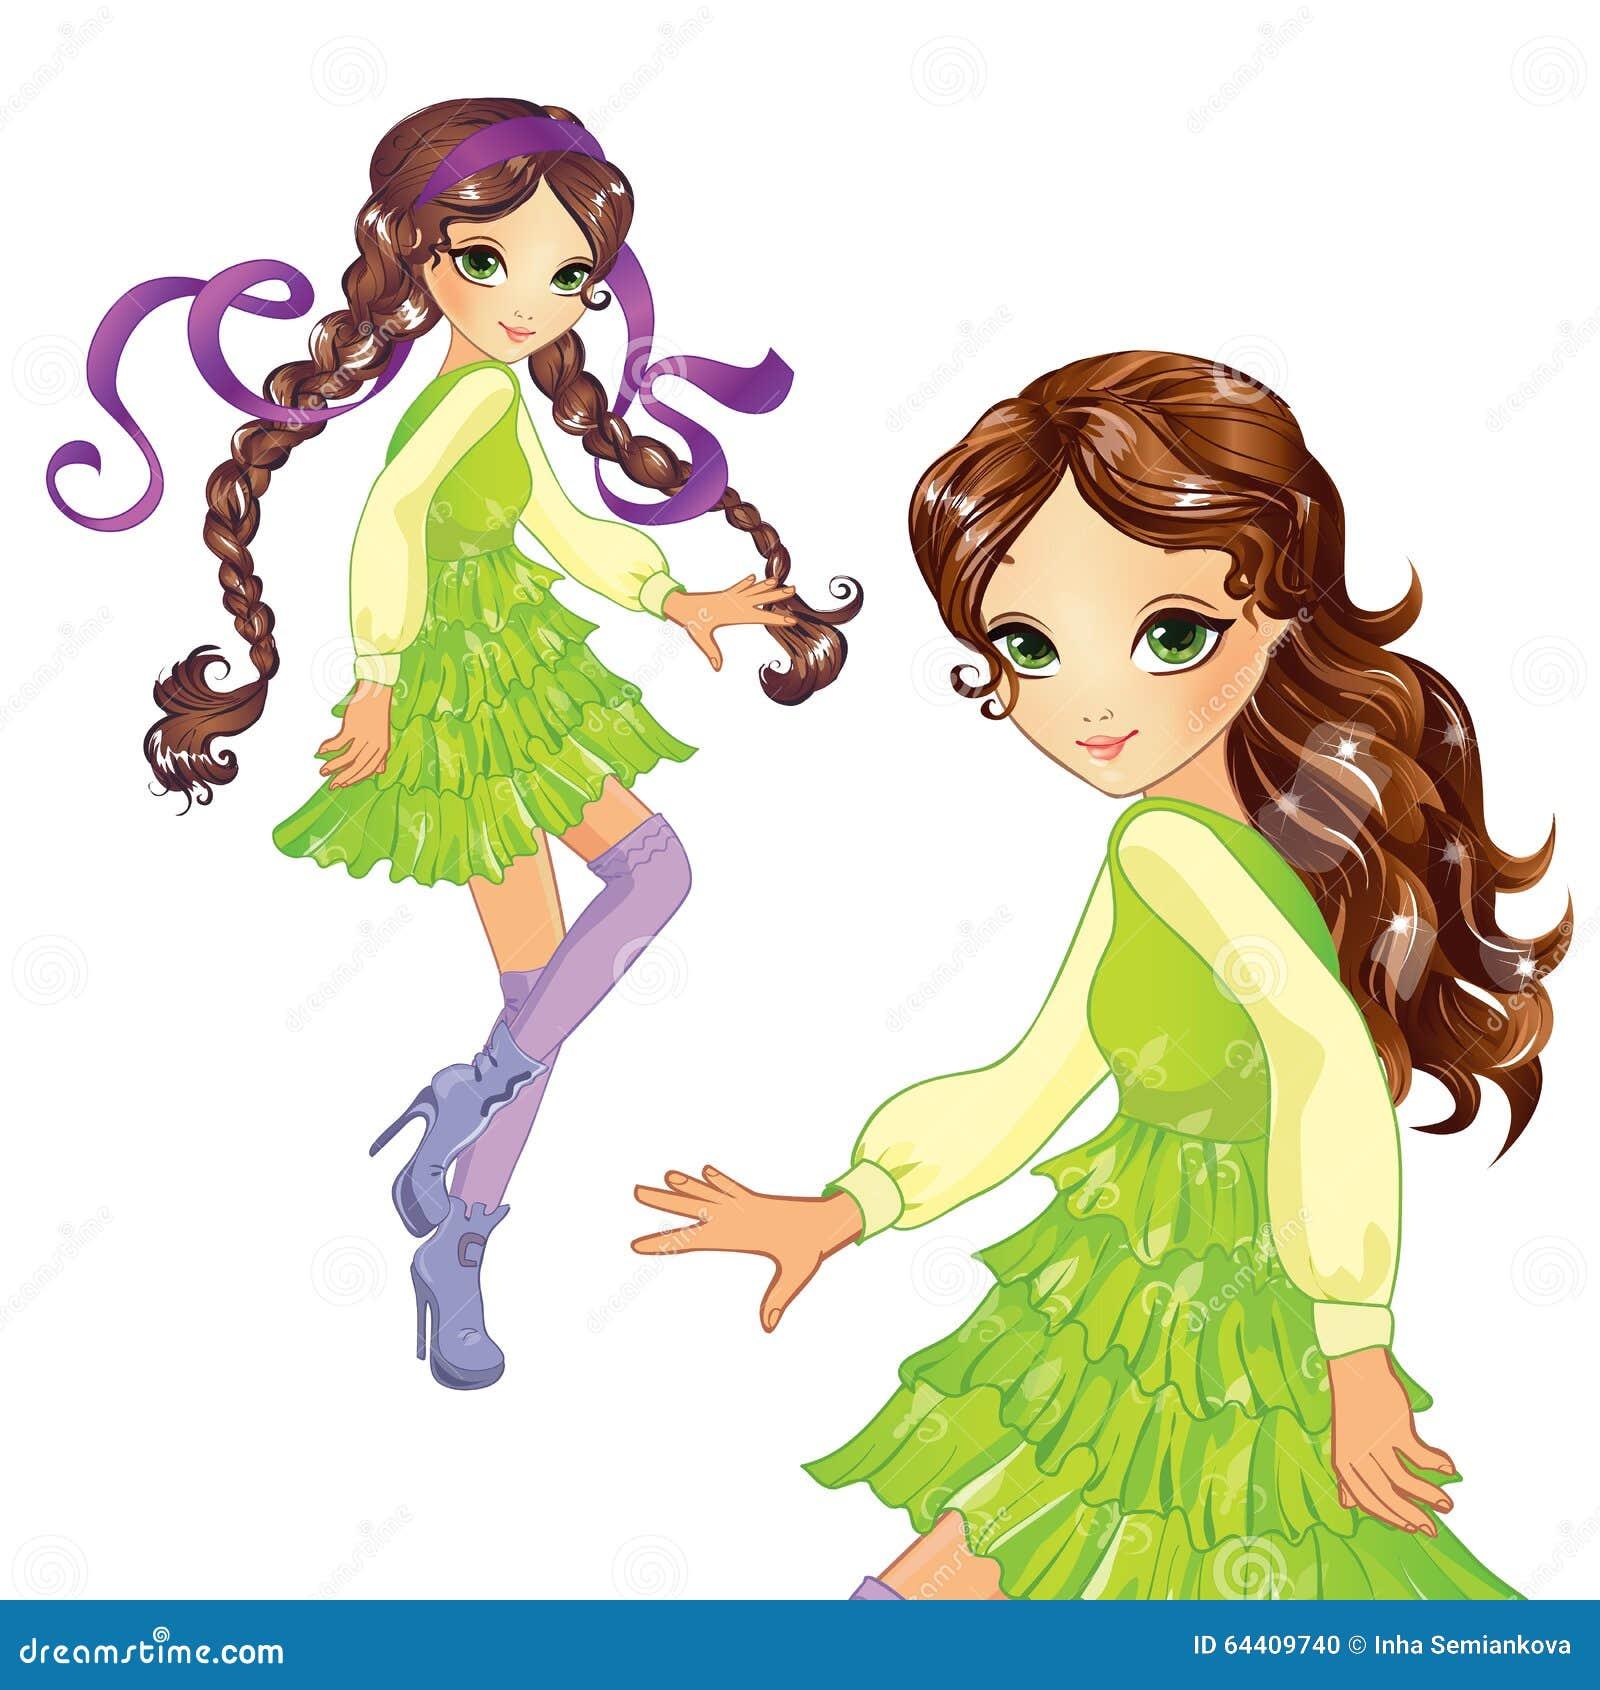 绿色礼服跳舞的女孩图片